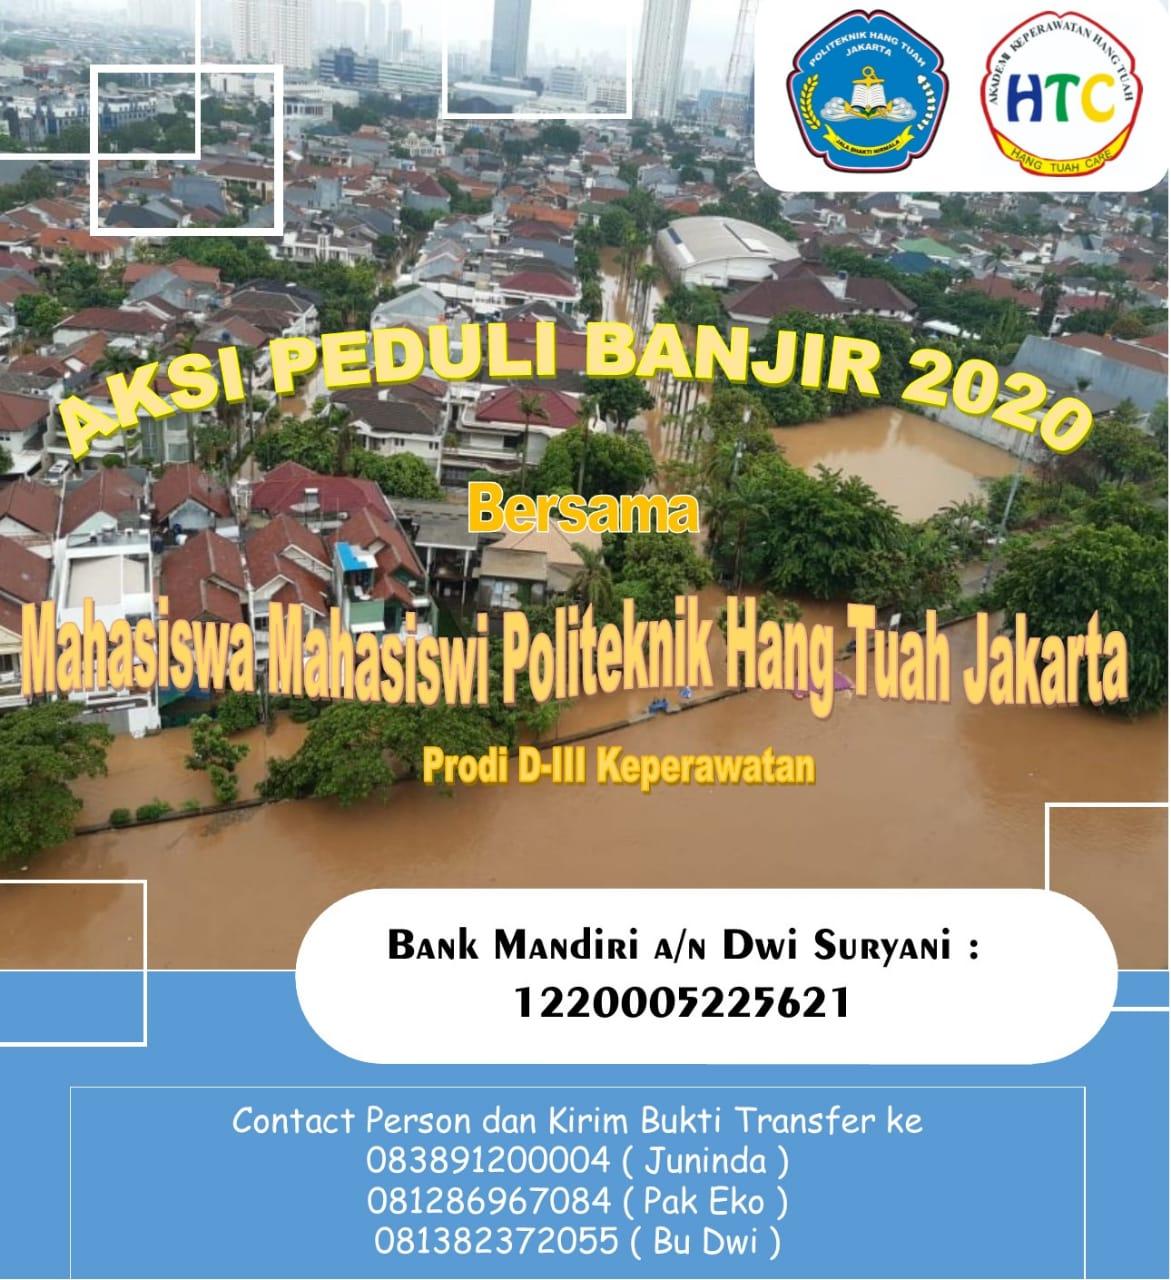 AKSI PEDULI BANJIR 2020 POLITEKNIK HANG TUAH JAKARTA